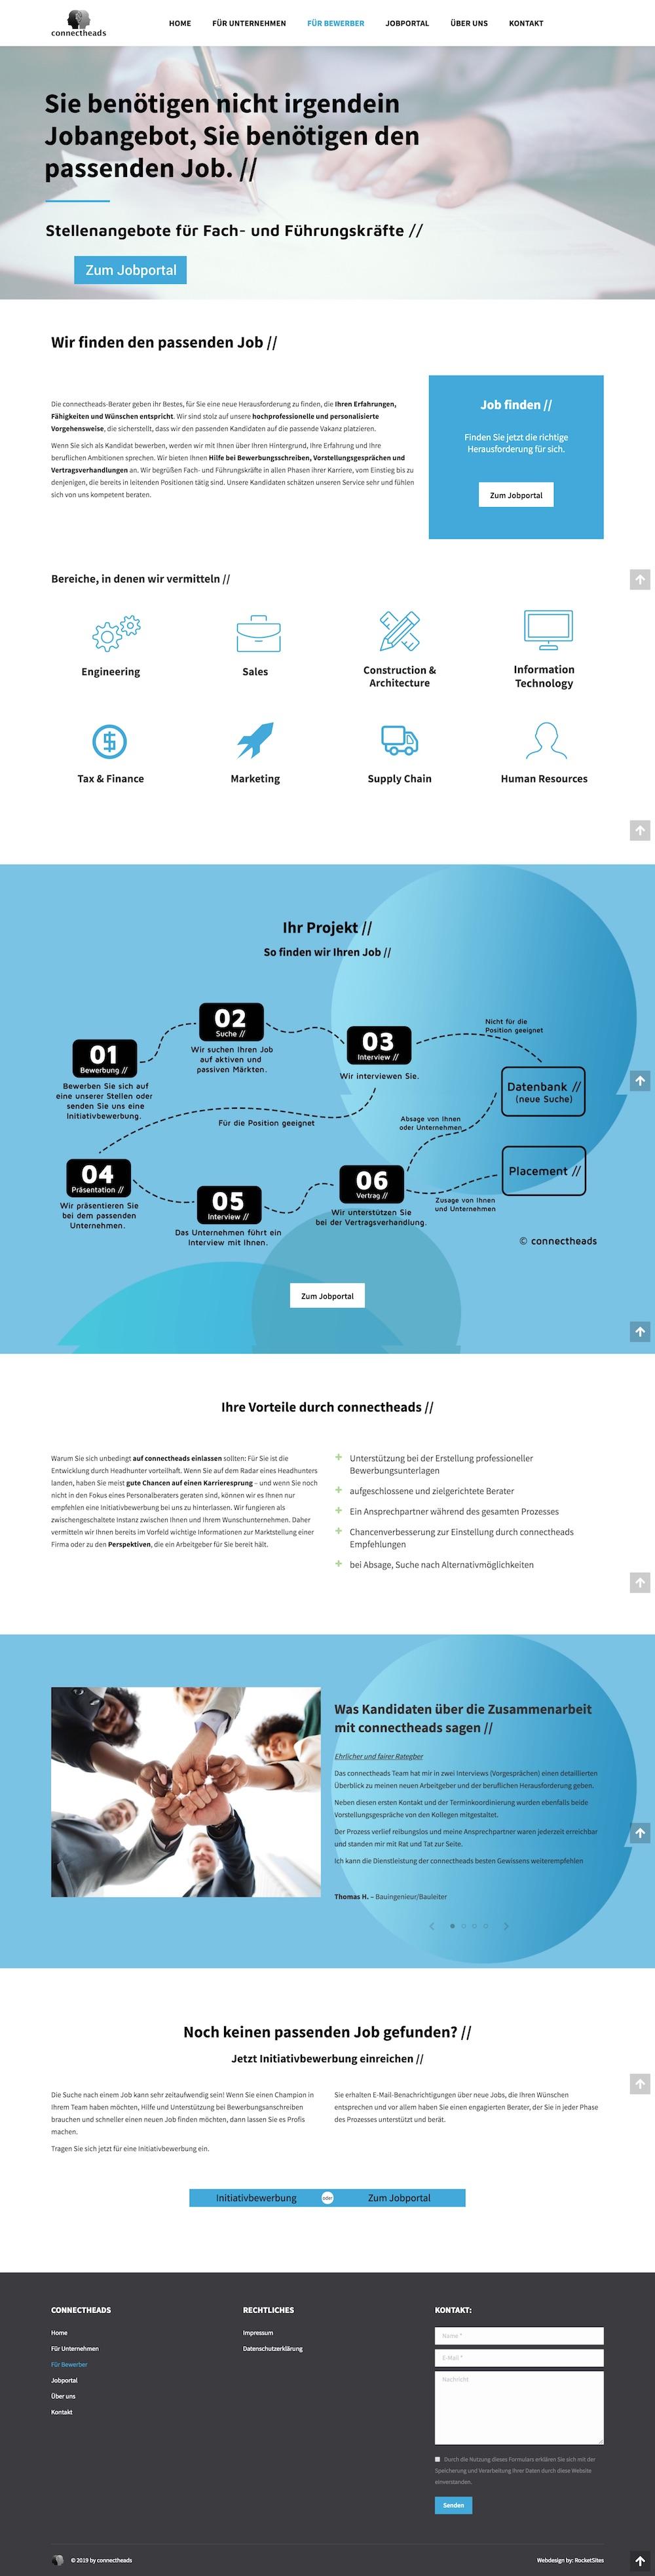 screencapture connectheads de bewerber 2020 03 09 20 21 34